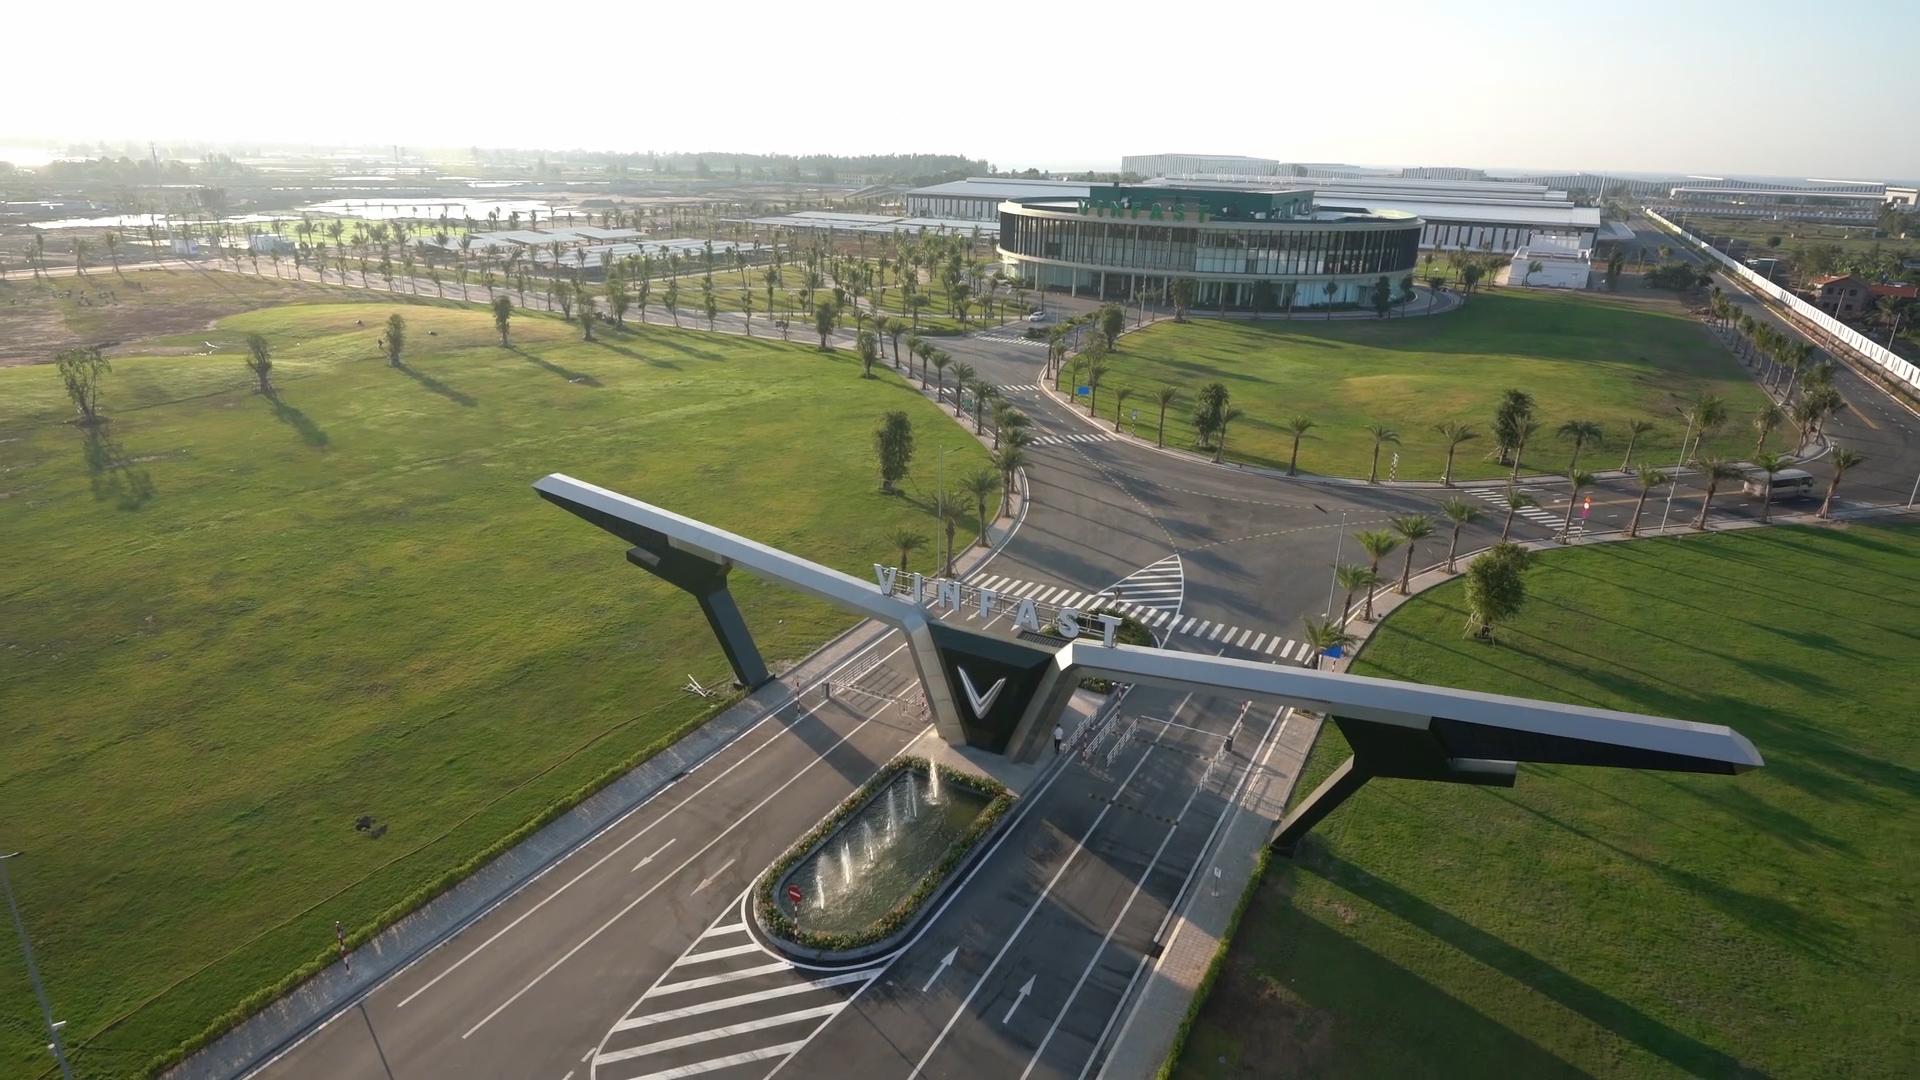 Vingroup muốn mở nhà máy ô tô VinFast rộng 2.000 ha tại Hà Tĩnh - Ảnh 1.